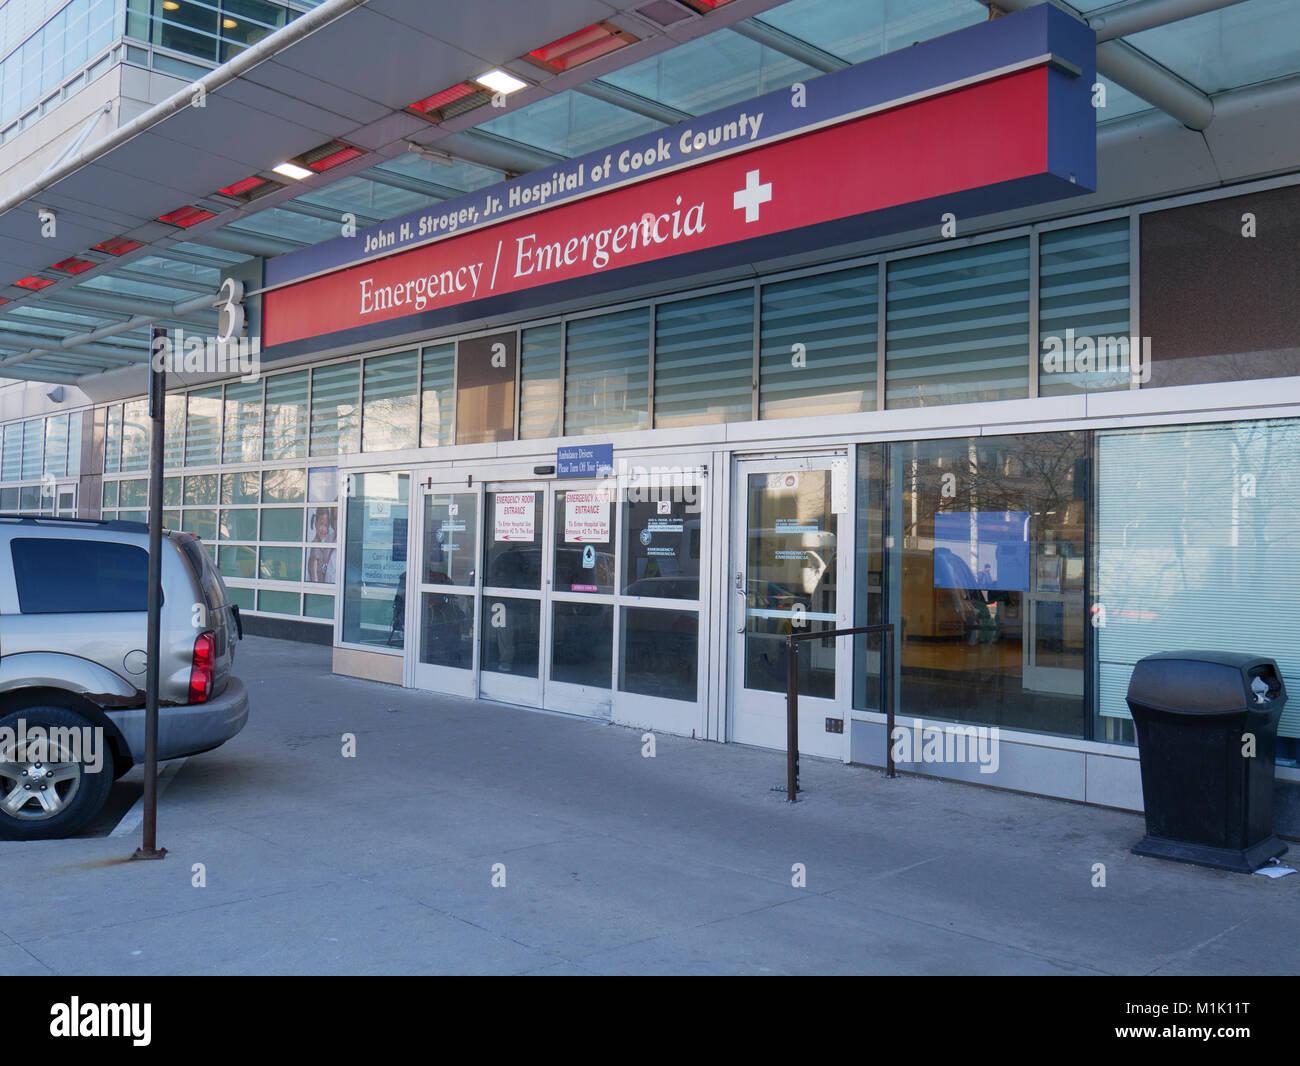 Ou Medical Center Emergency Room